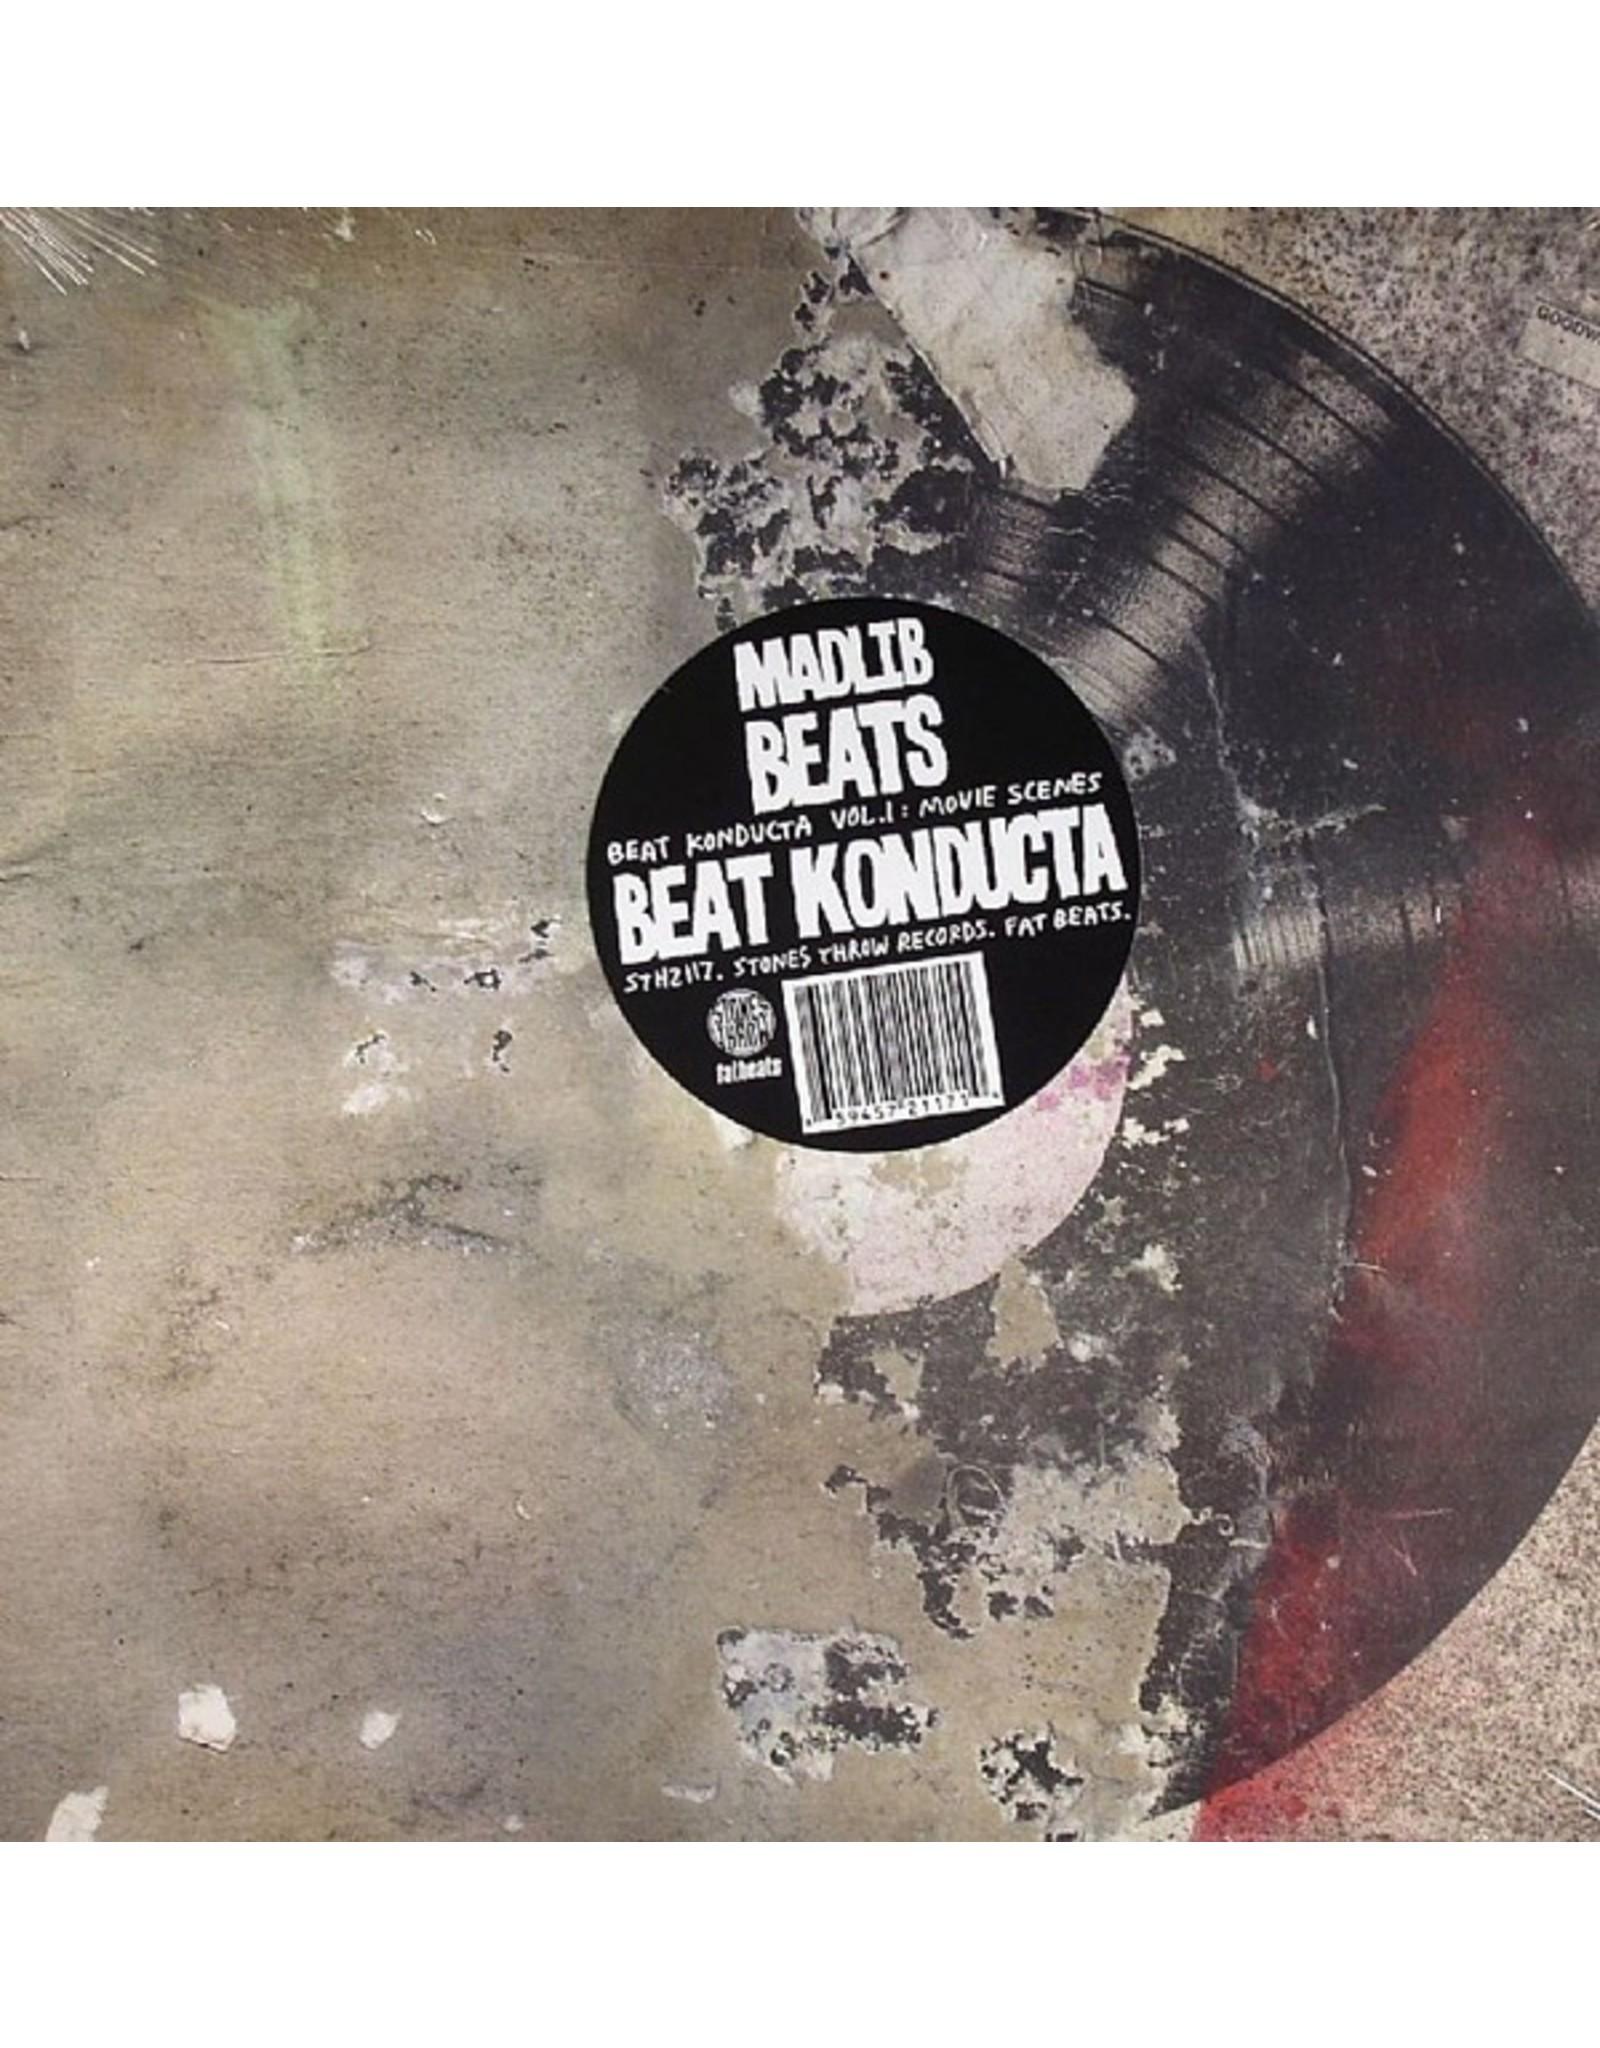 New Vinyl Madlib - Beat Konducta Vol. 1: Movie Scenes LP